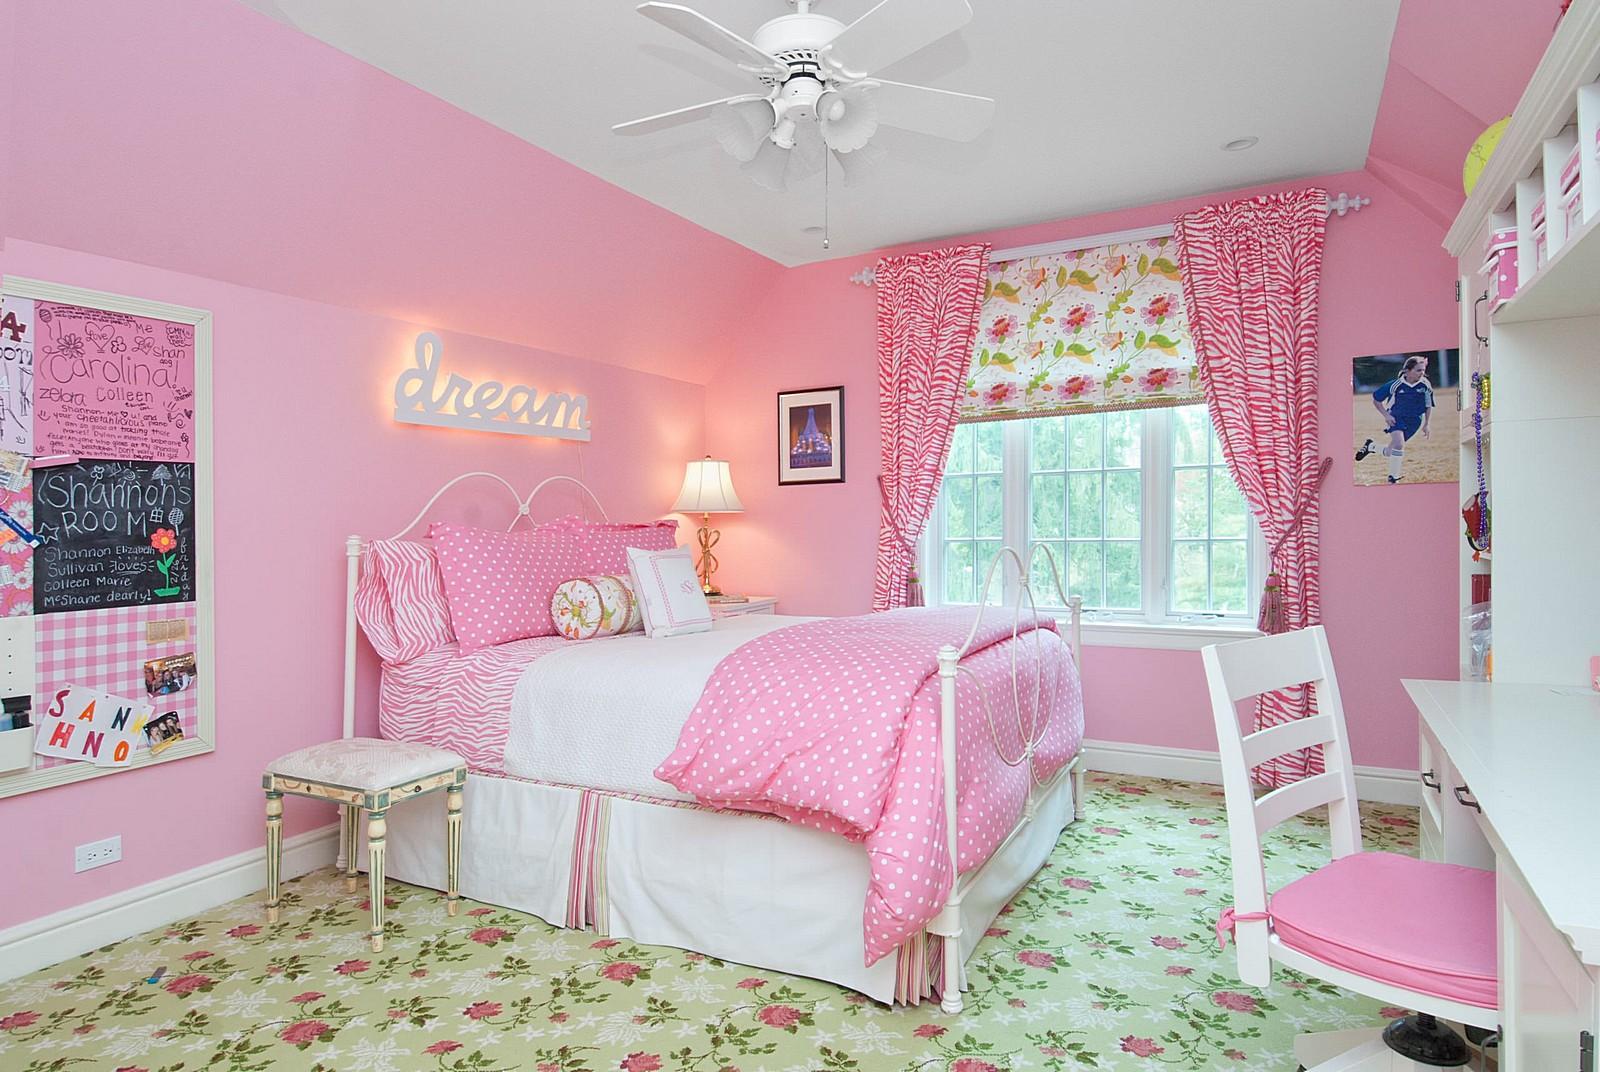 البوم صور لتصميمات غرف نوم لطفلك 1701-6